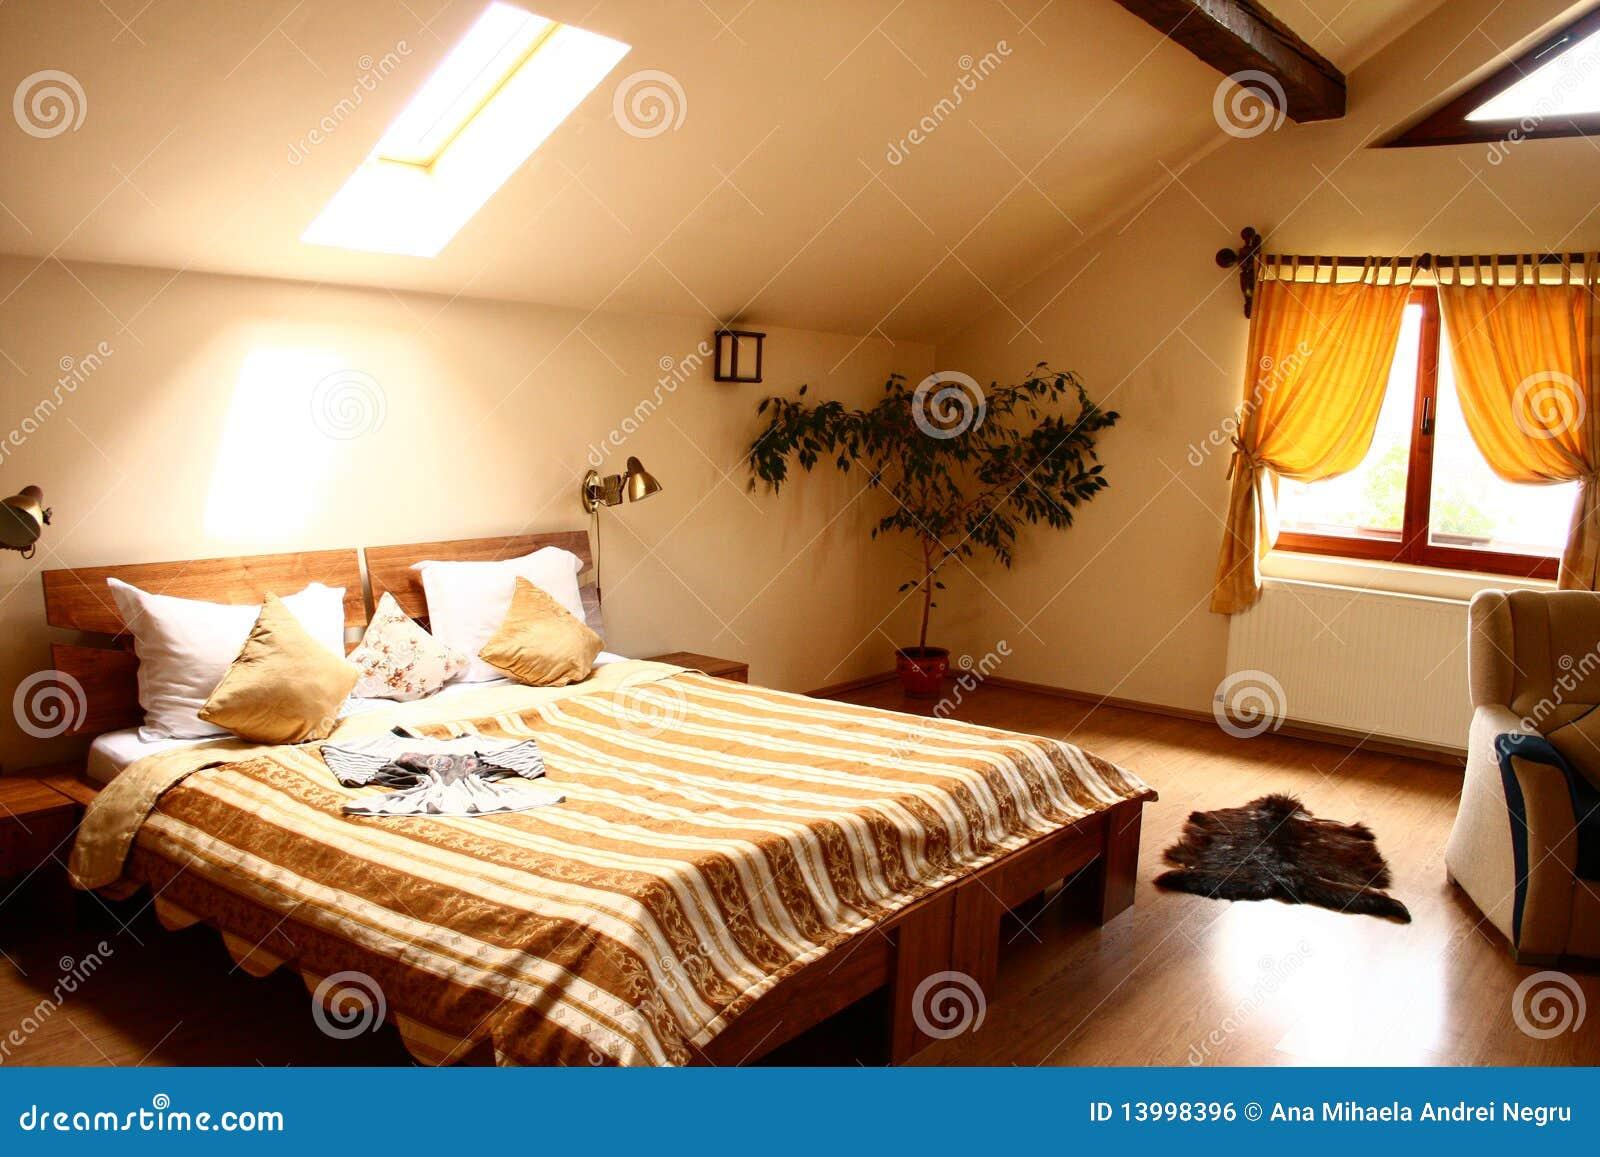 Cama grande em um quarto de hotel no s t o imagem de stock for Camas grandes